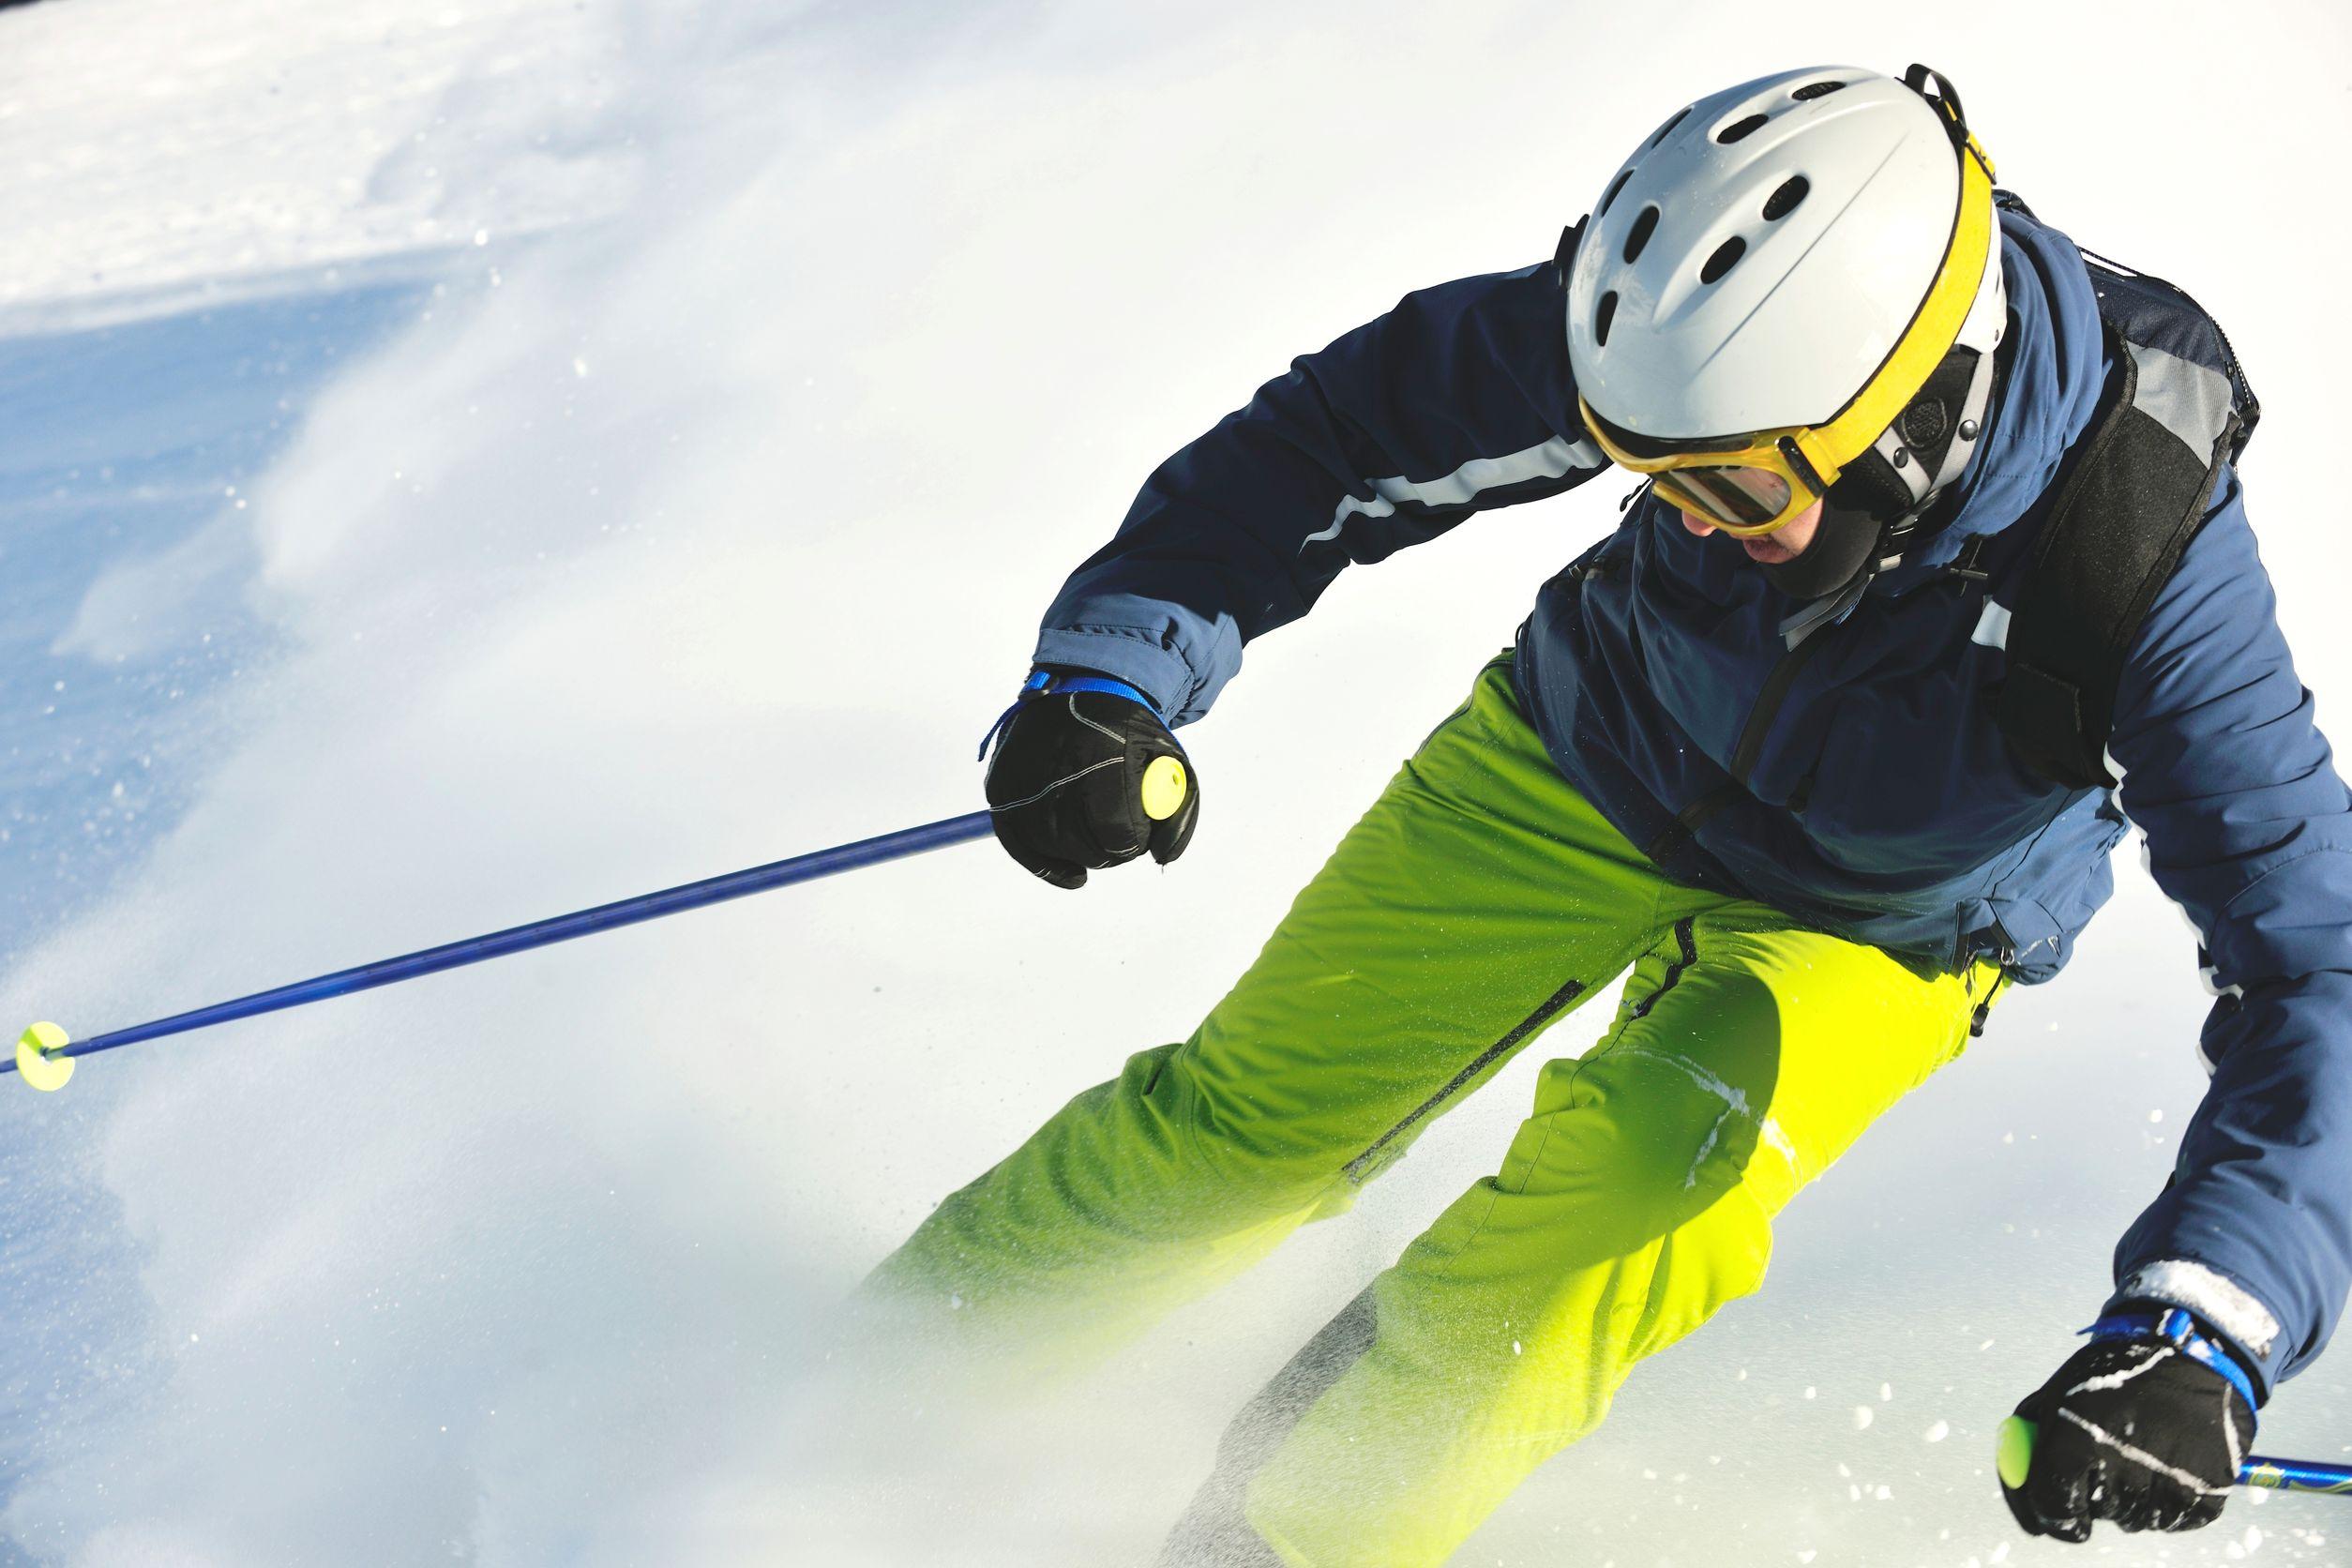 downhill-ski-snow-australia